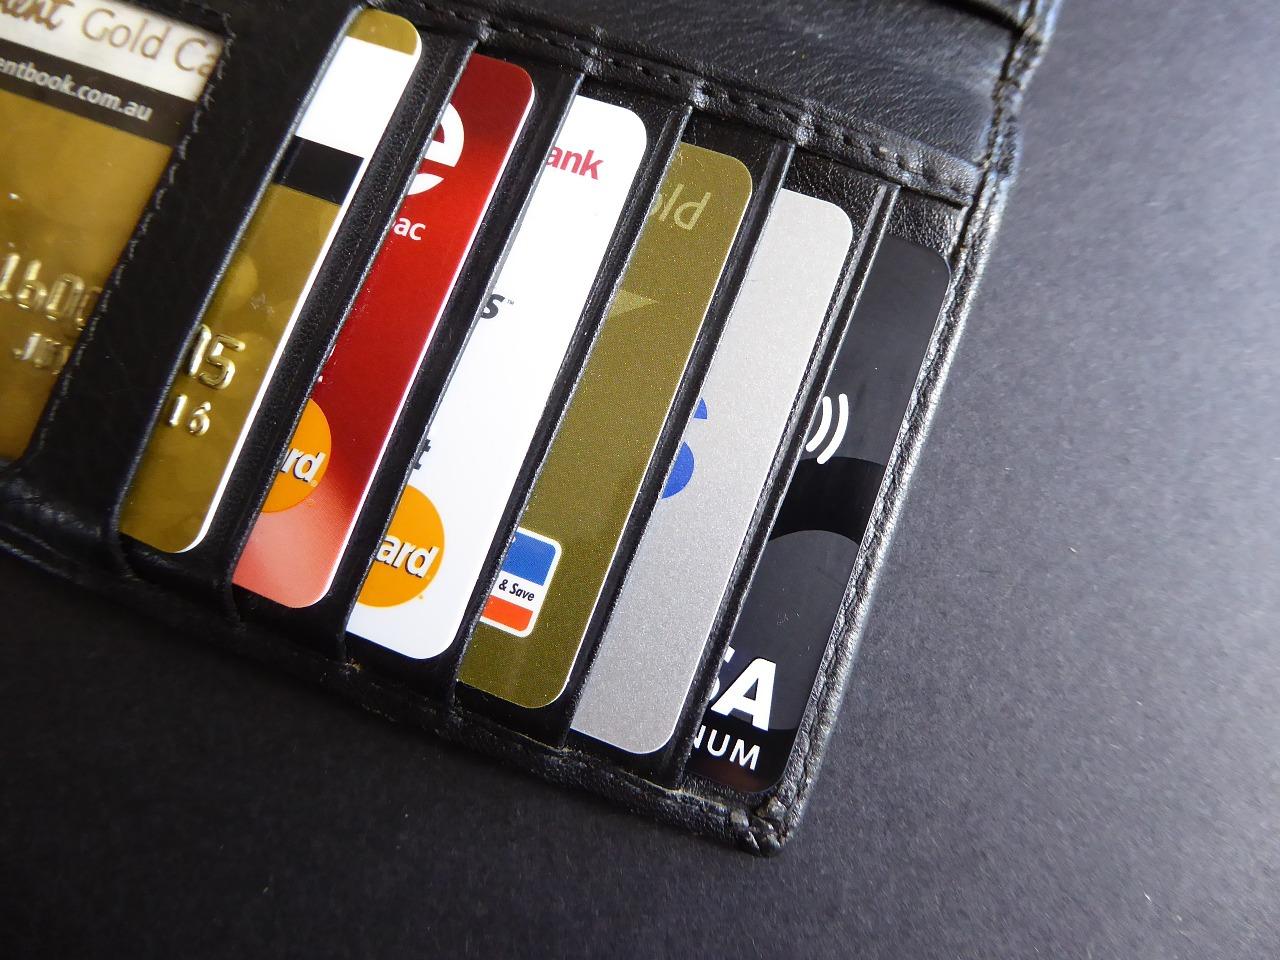 Севастопольцы стали в два раза чаще расплачиваться с помощью банковских карт